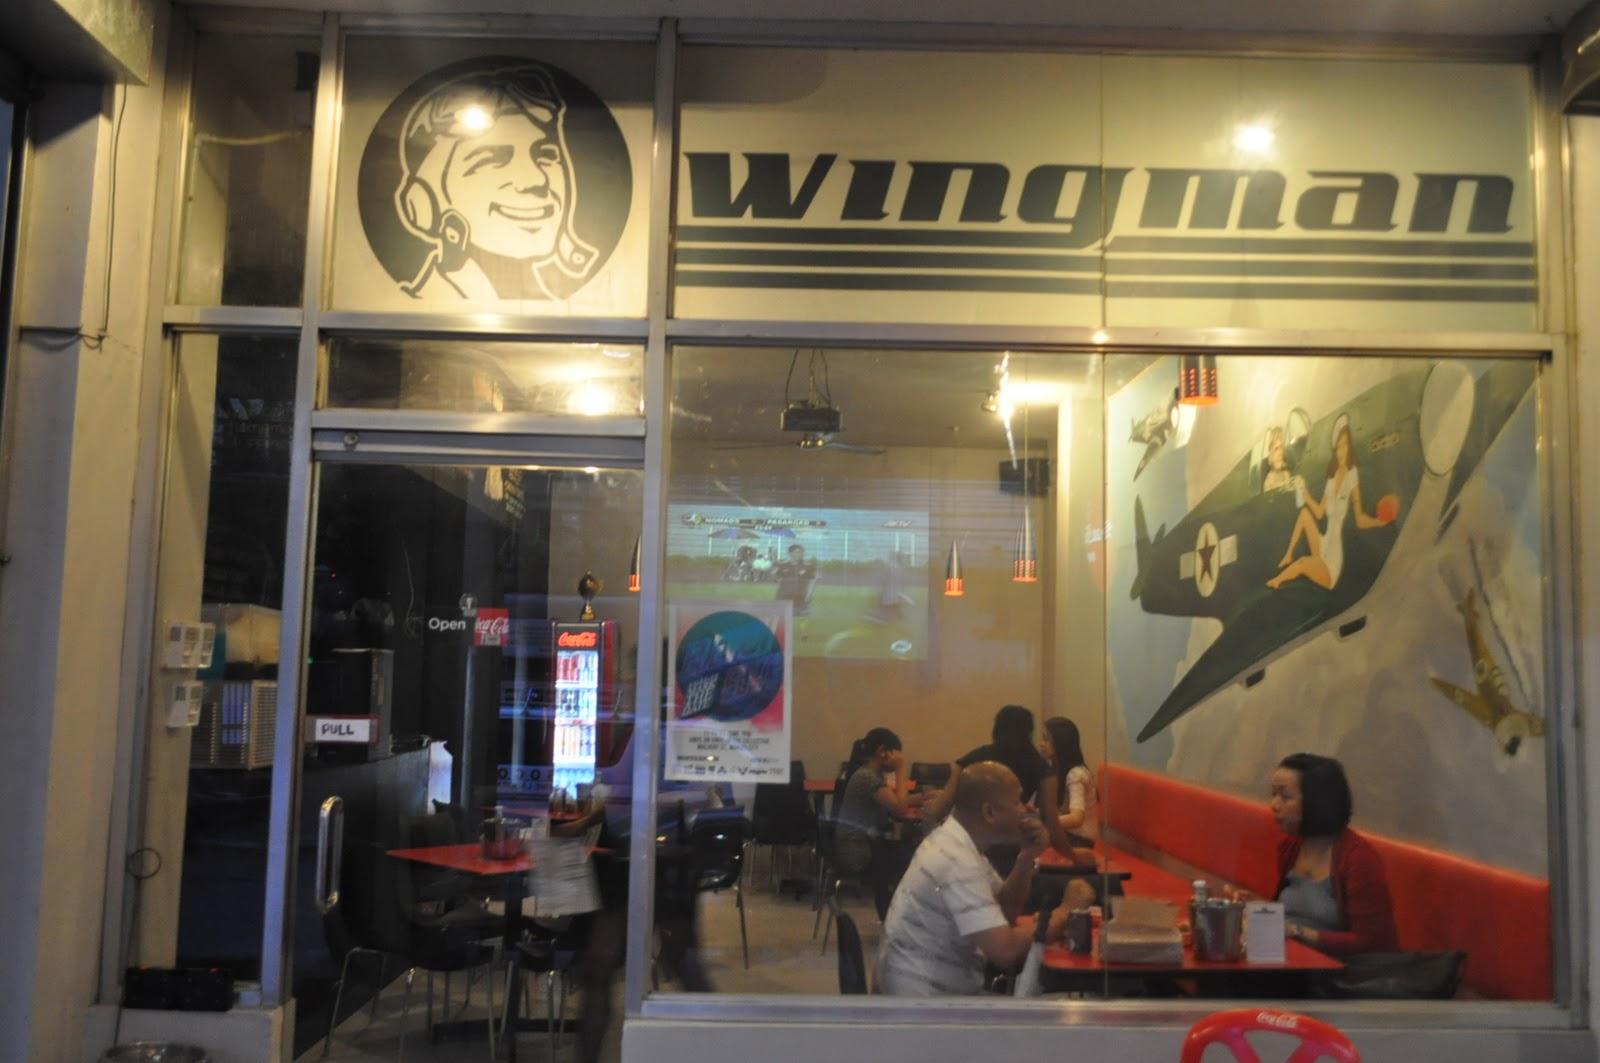 Bikes Per Minute Store Makati wings store in the Metro